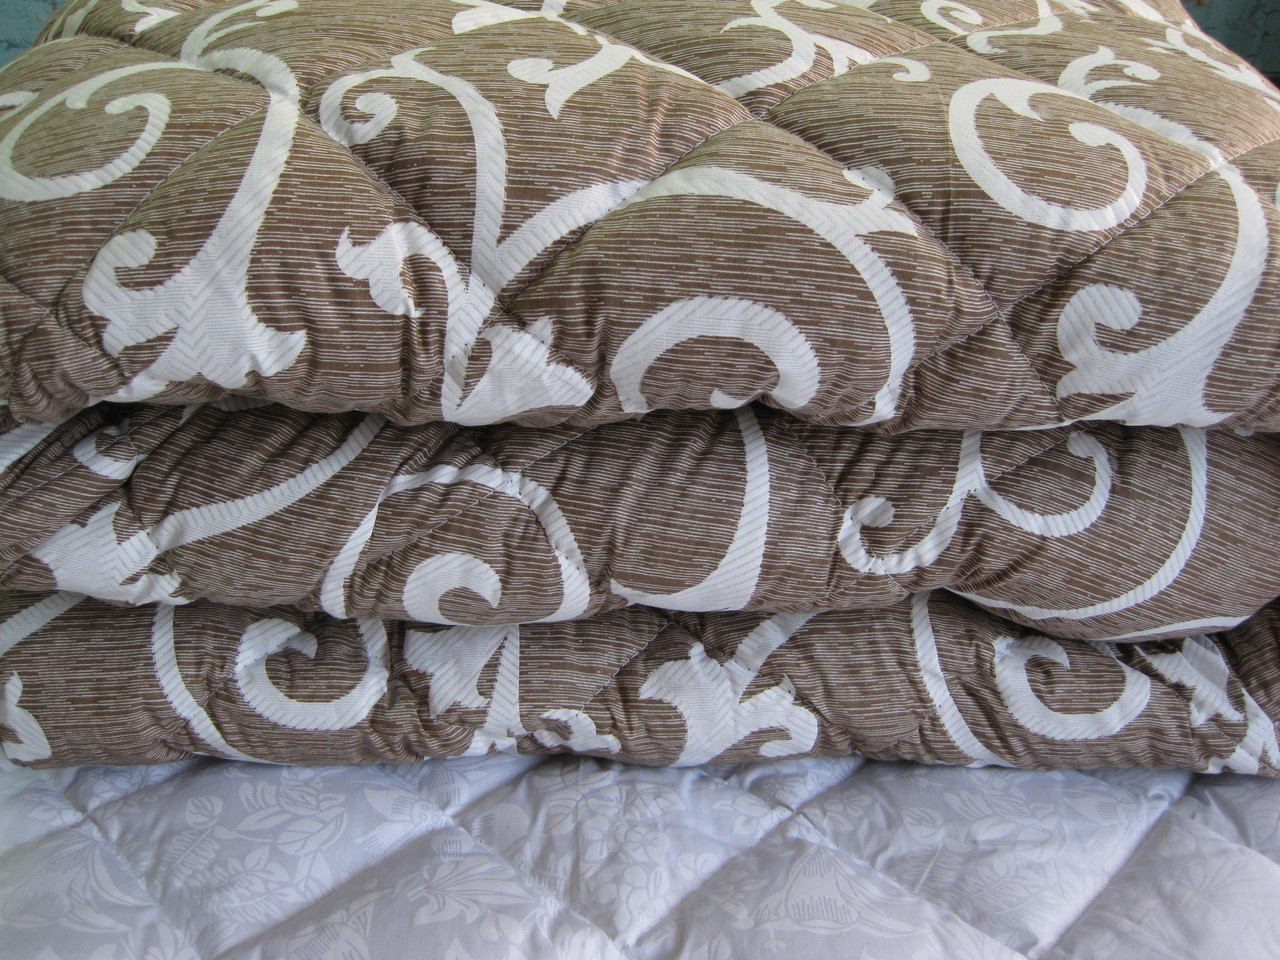 Теплое одеяло силиконовое двуспальное Евро 200*210 (ткань хлопок)